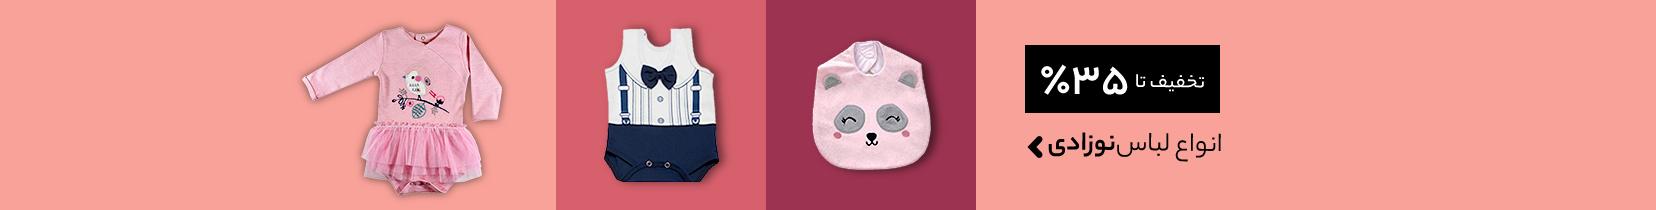 خرید سر ماه - لباس نوزادی